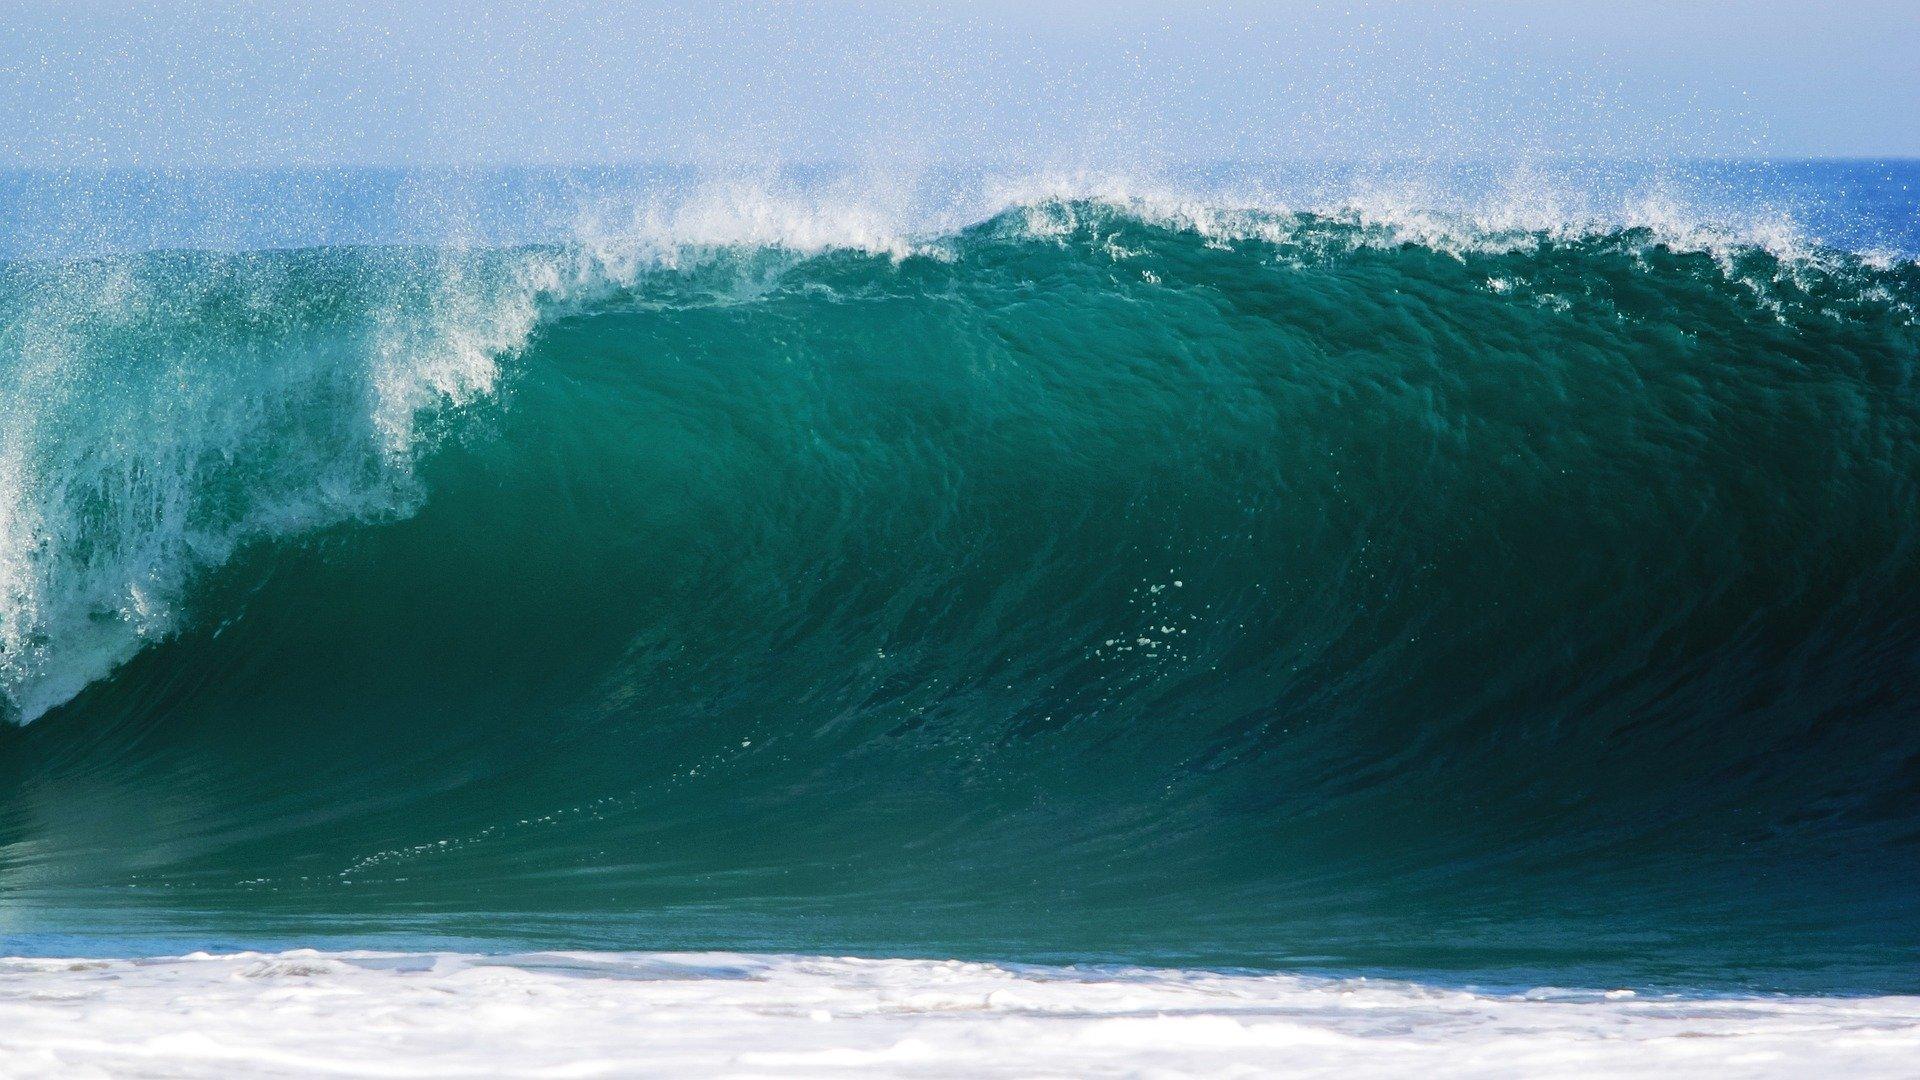 Podwodne kable Google mogą wykrywać trzęsienia ziemi